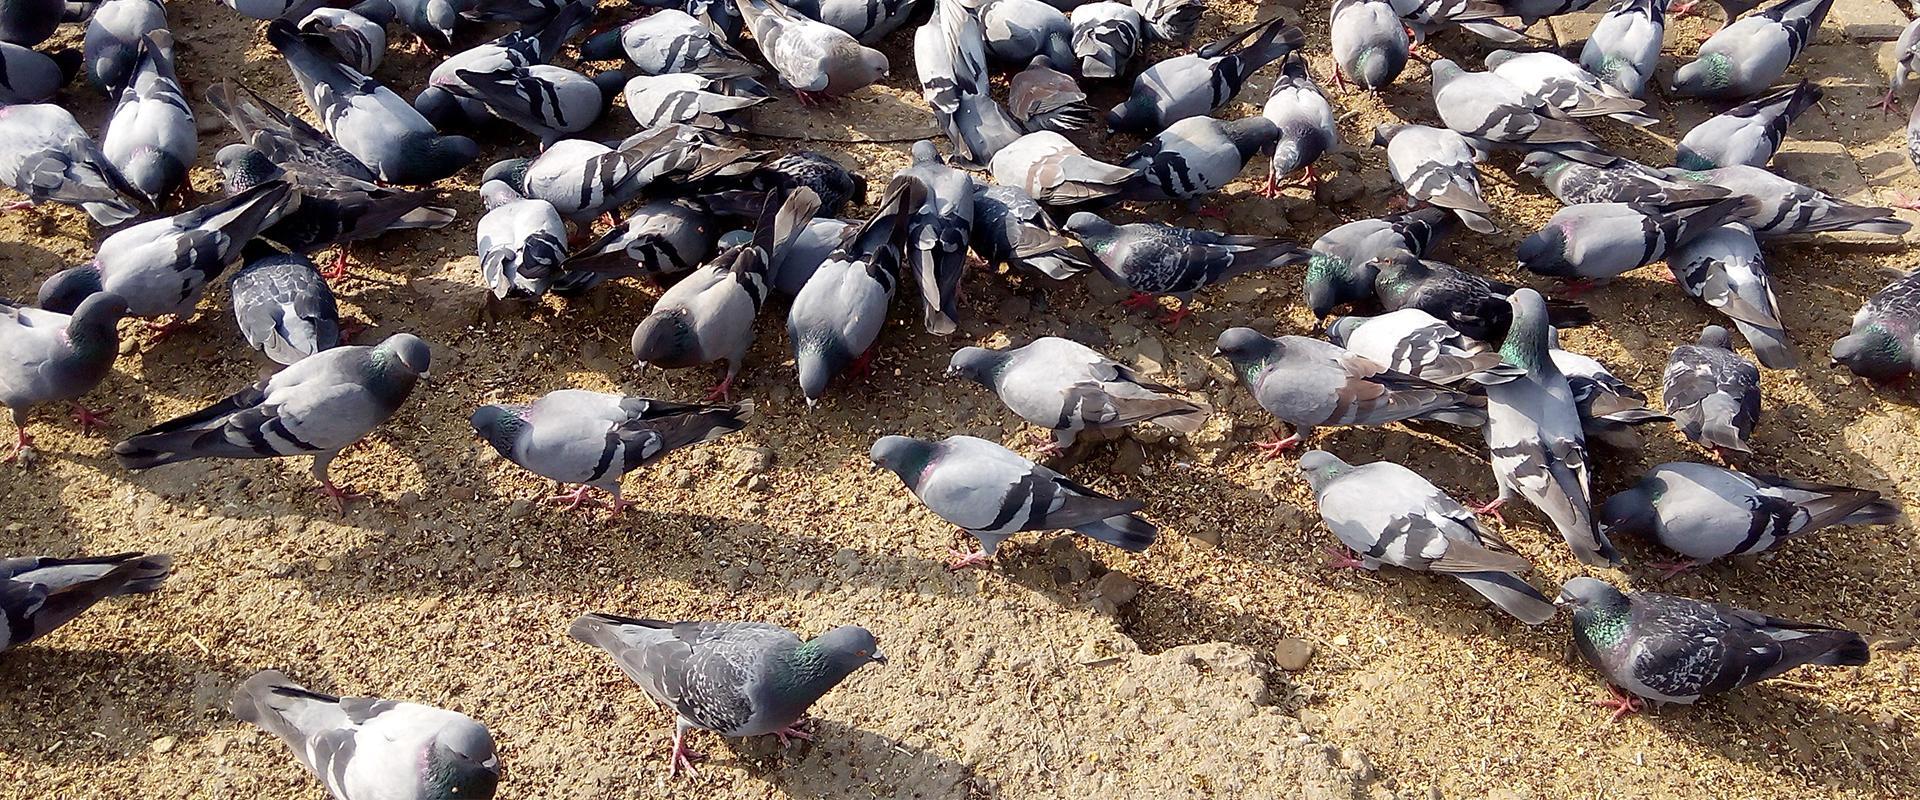 pigeons on ground